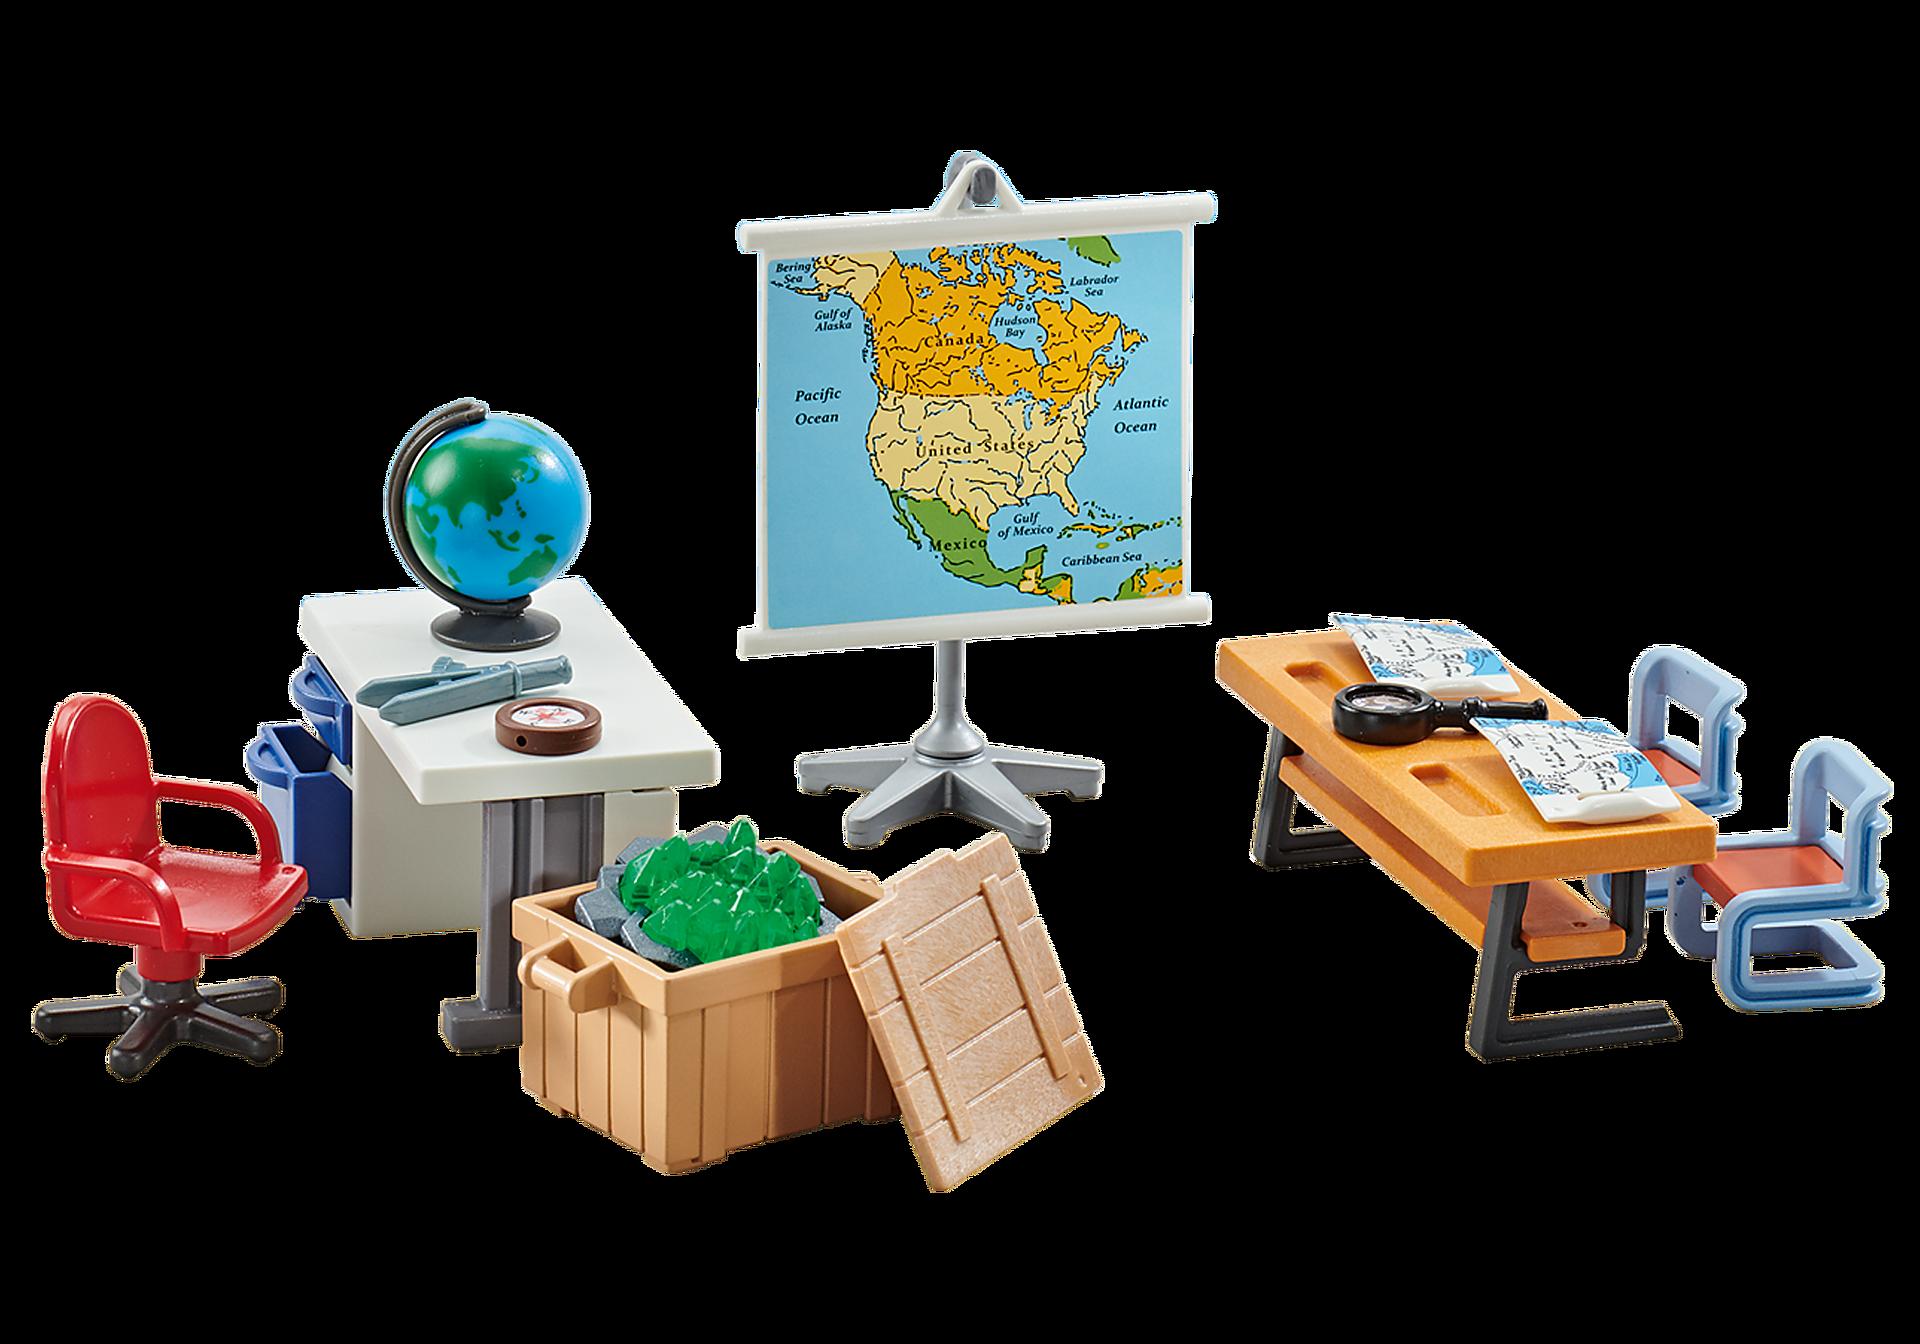 9810 Arredamento per aula di Geografia zoom image1